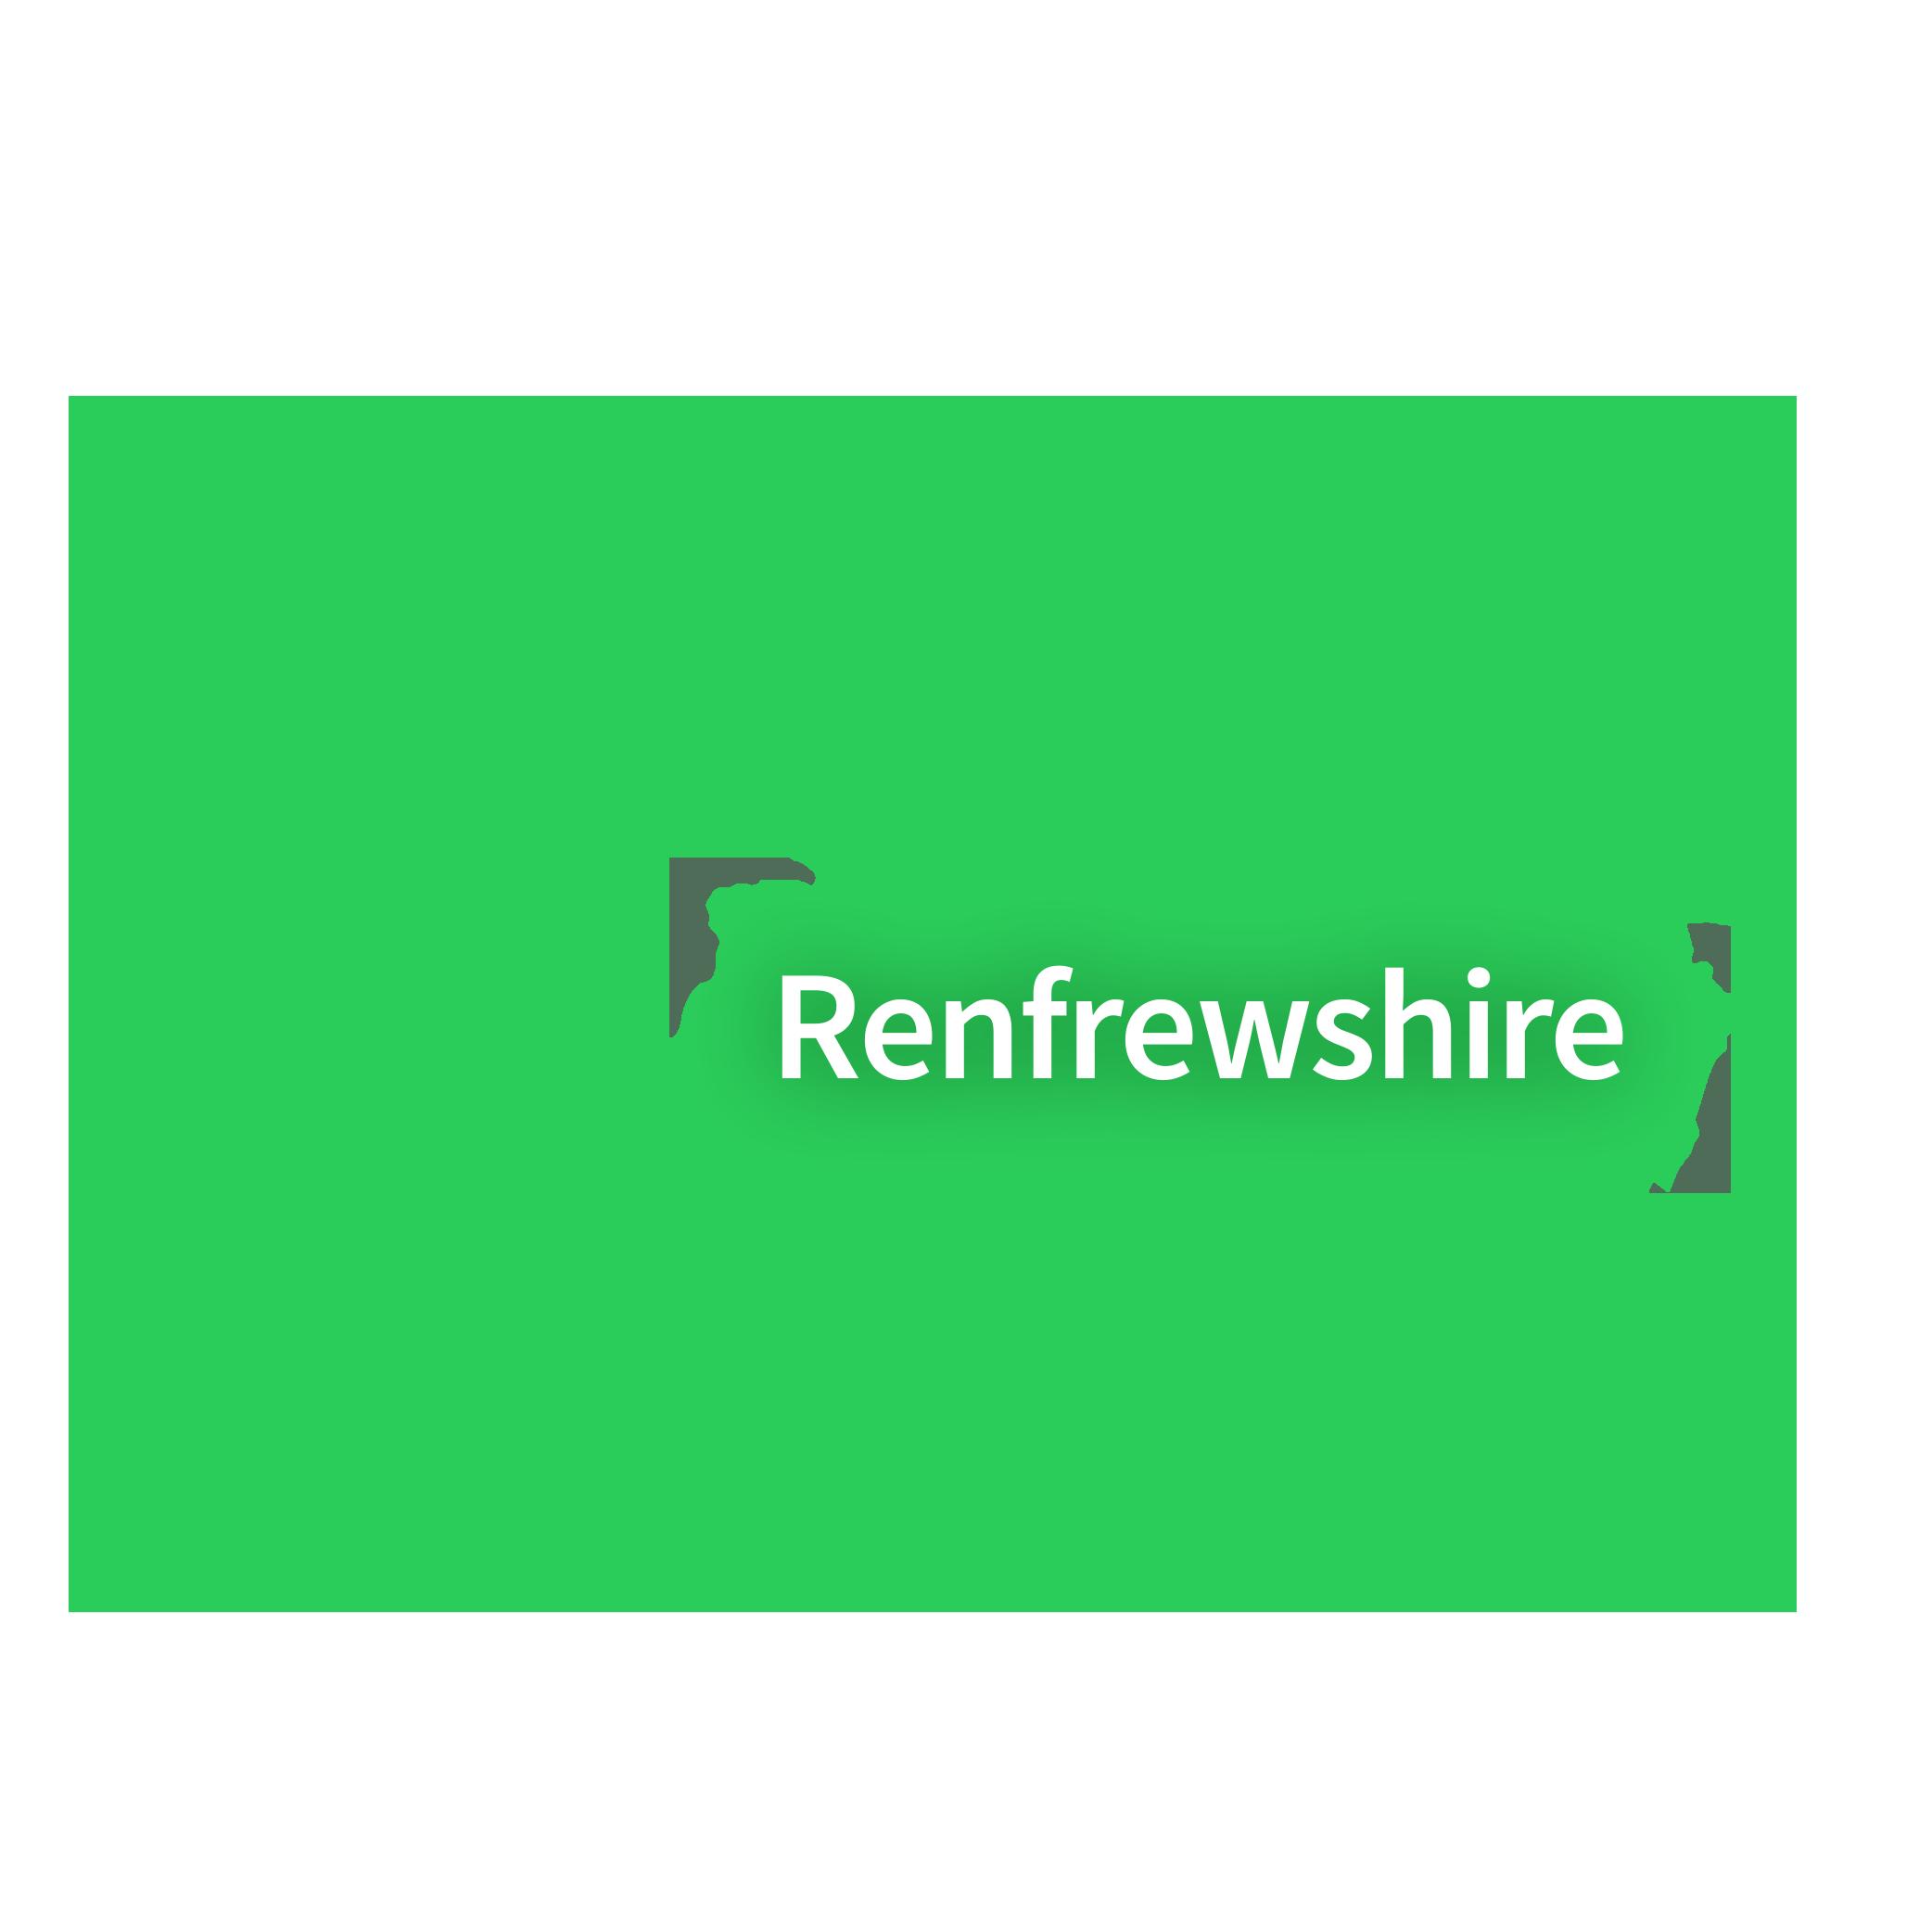 Map of Renfrewshire